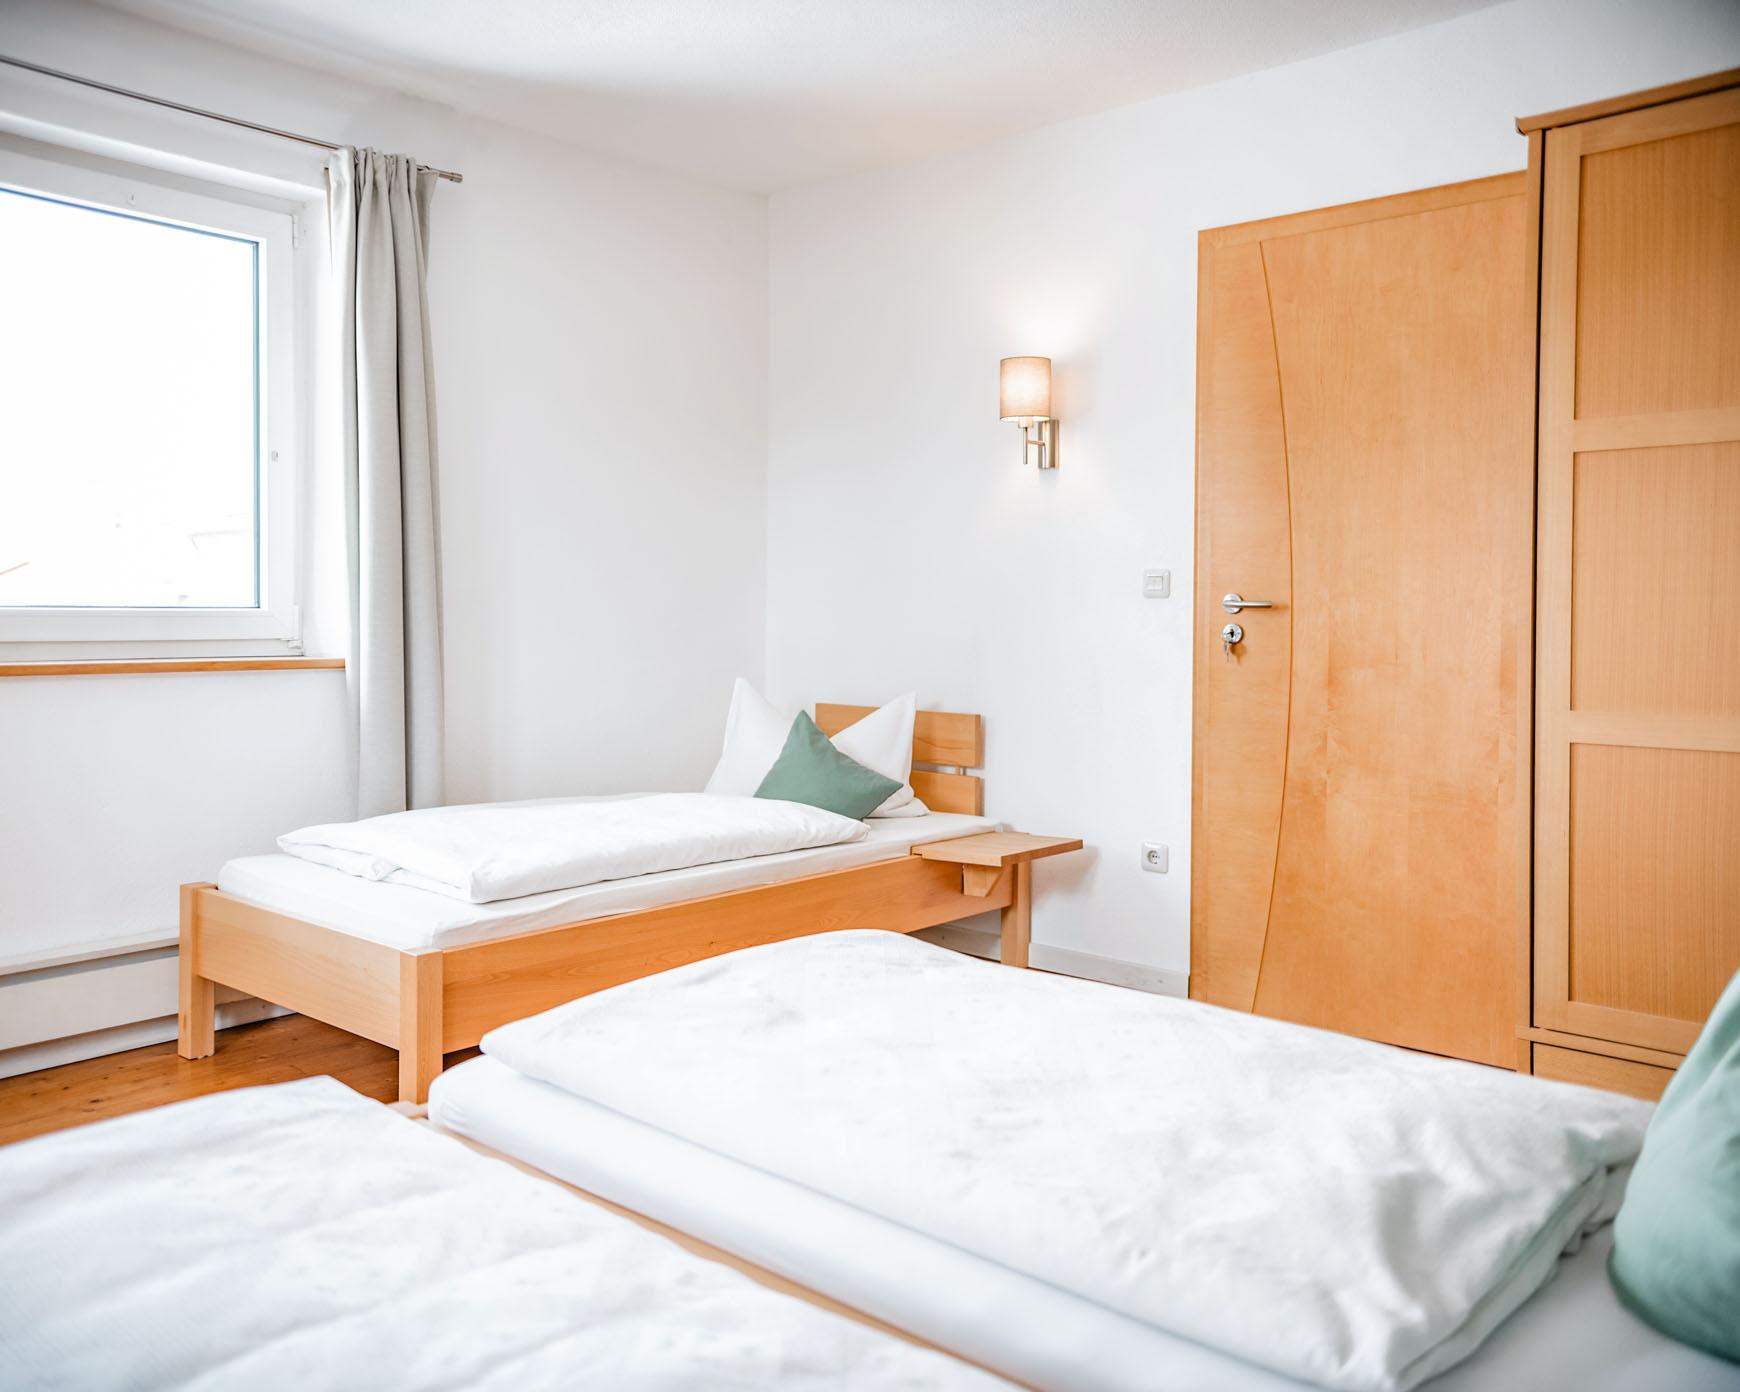 Mehrbettzimmer - Zimmerübersicht Betten und Schrank